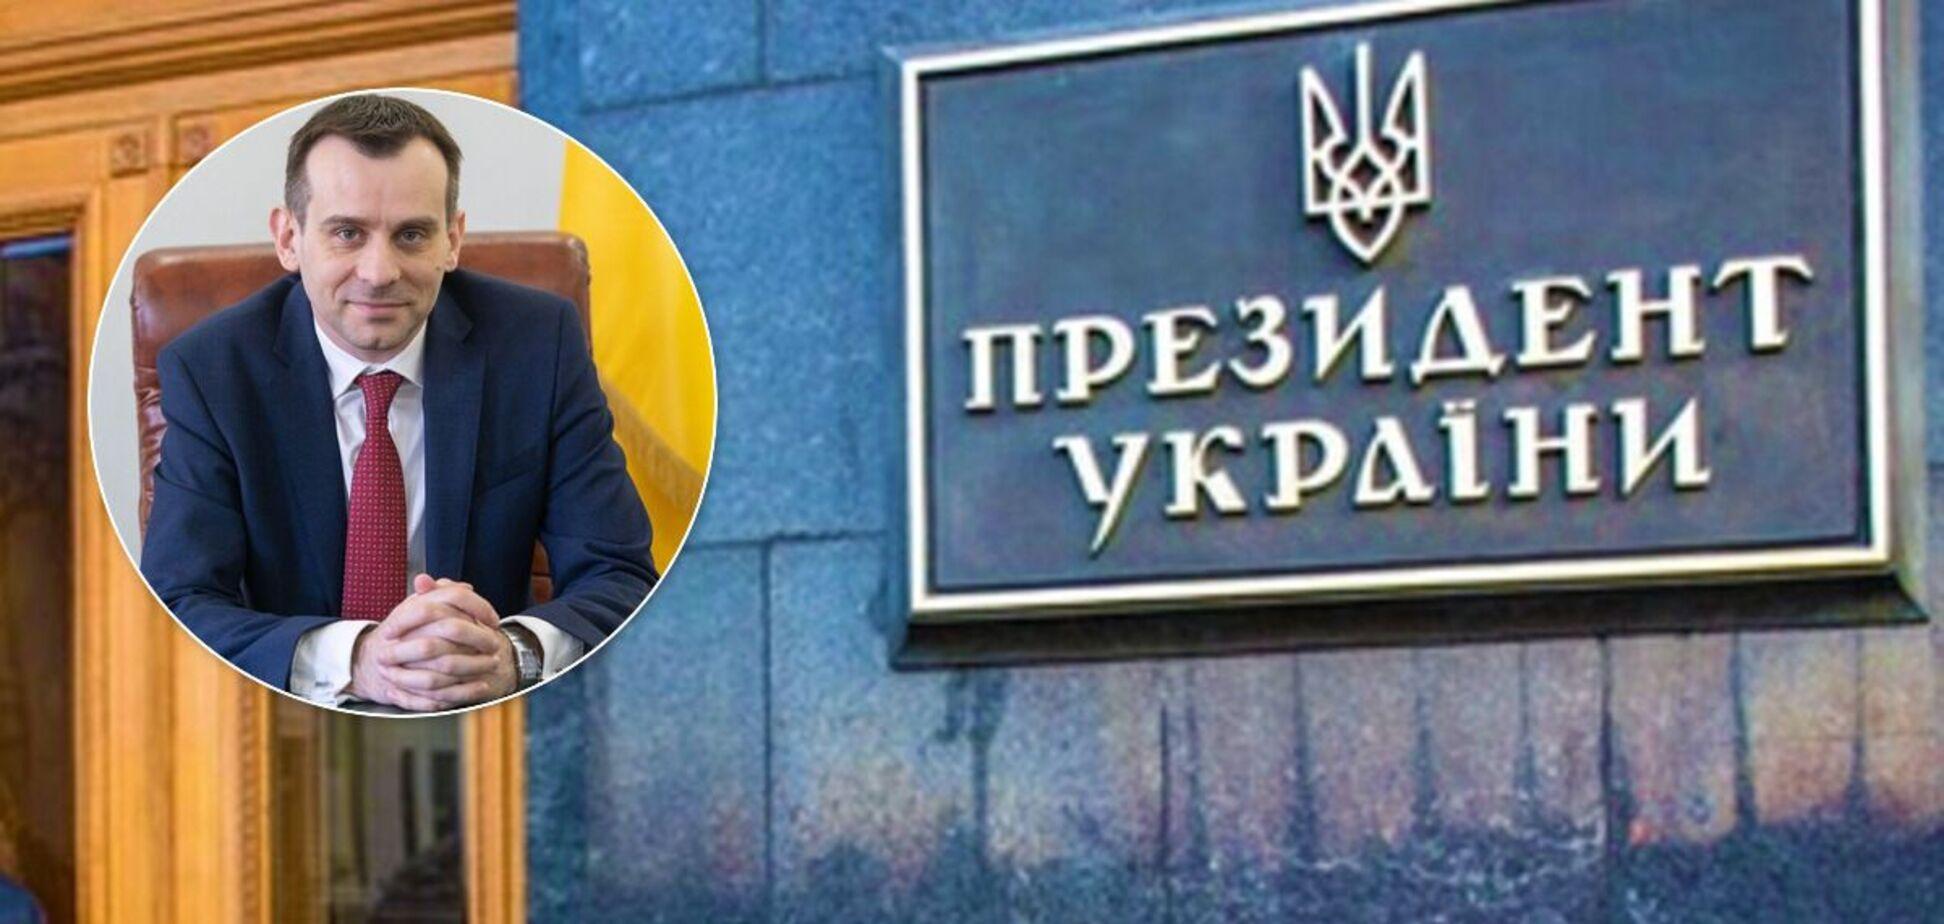 Два месяца до выборов: глава ЦИК заявил о давлении из Офиса президента